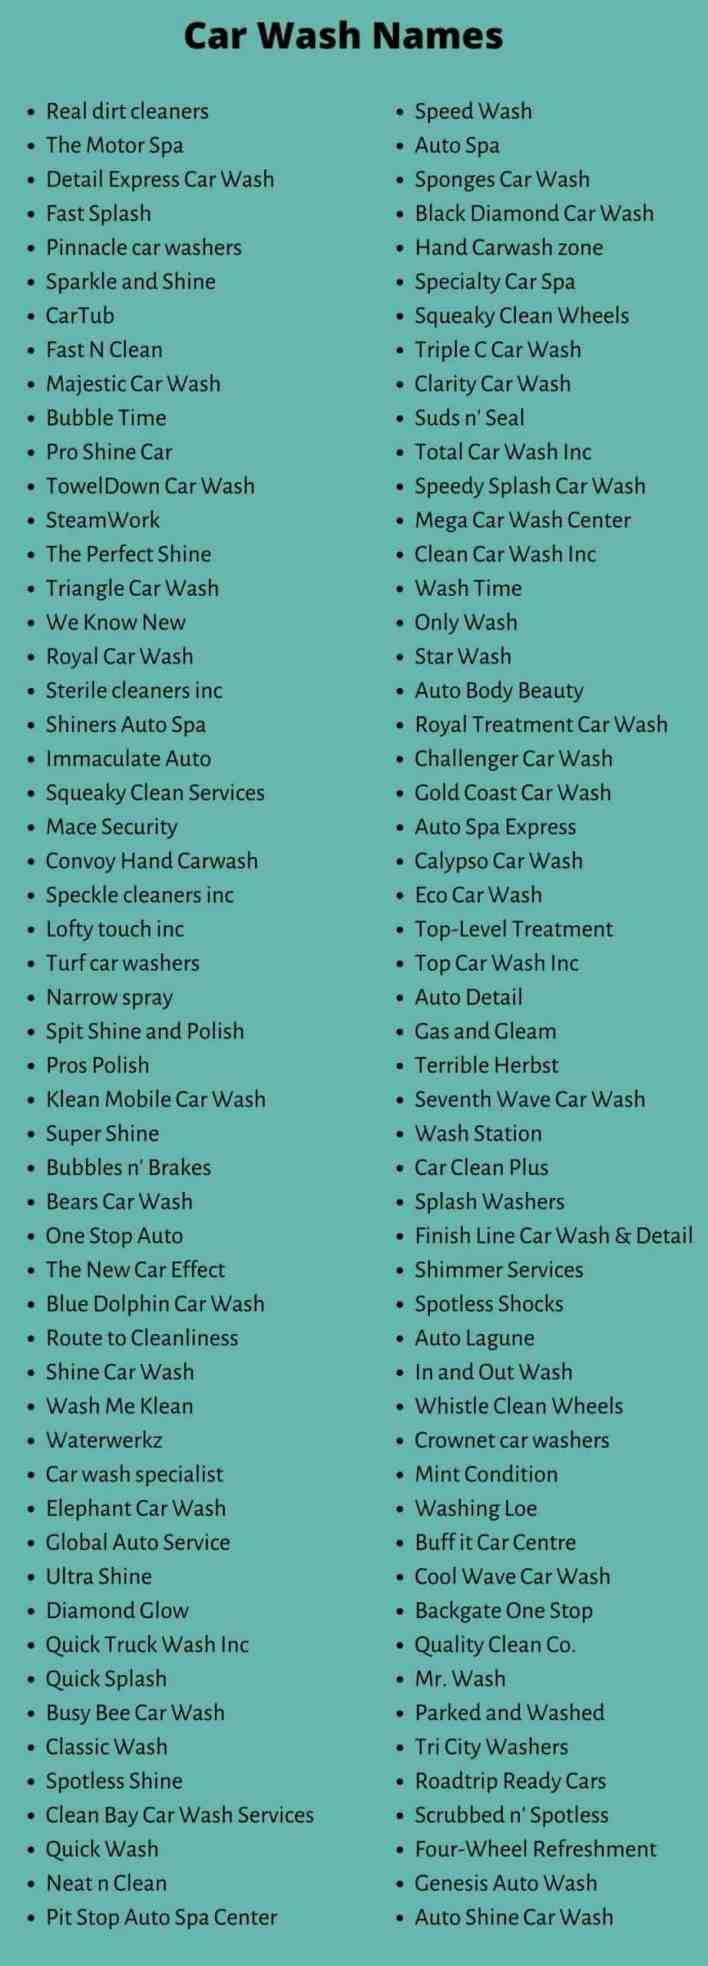 Car Wash Names